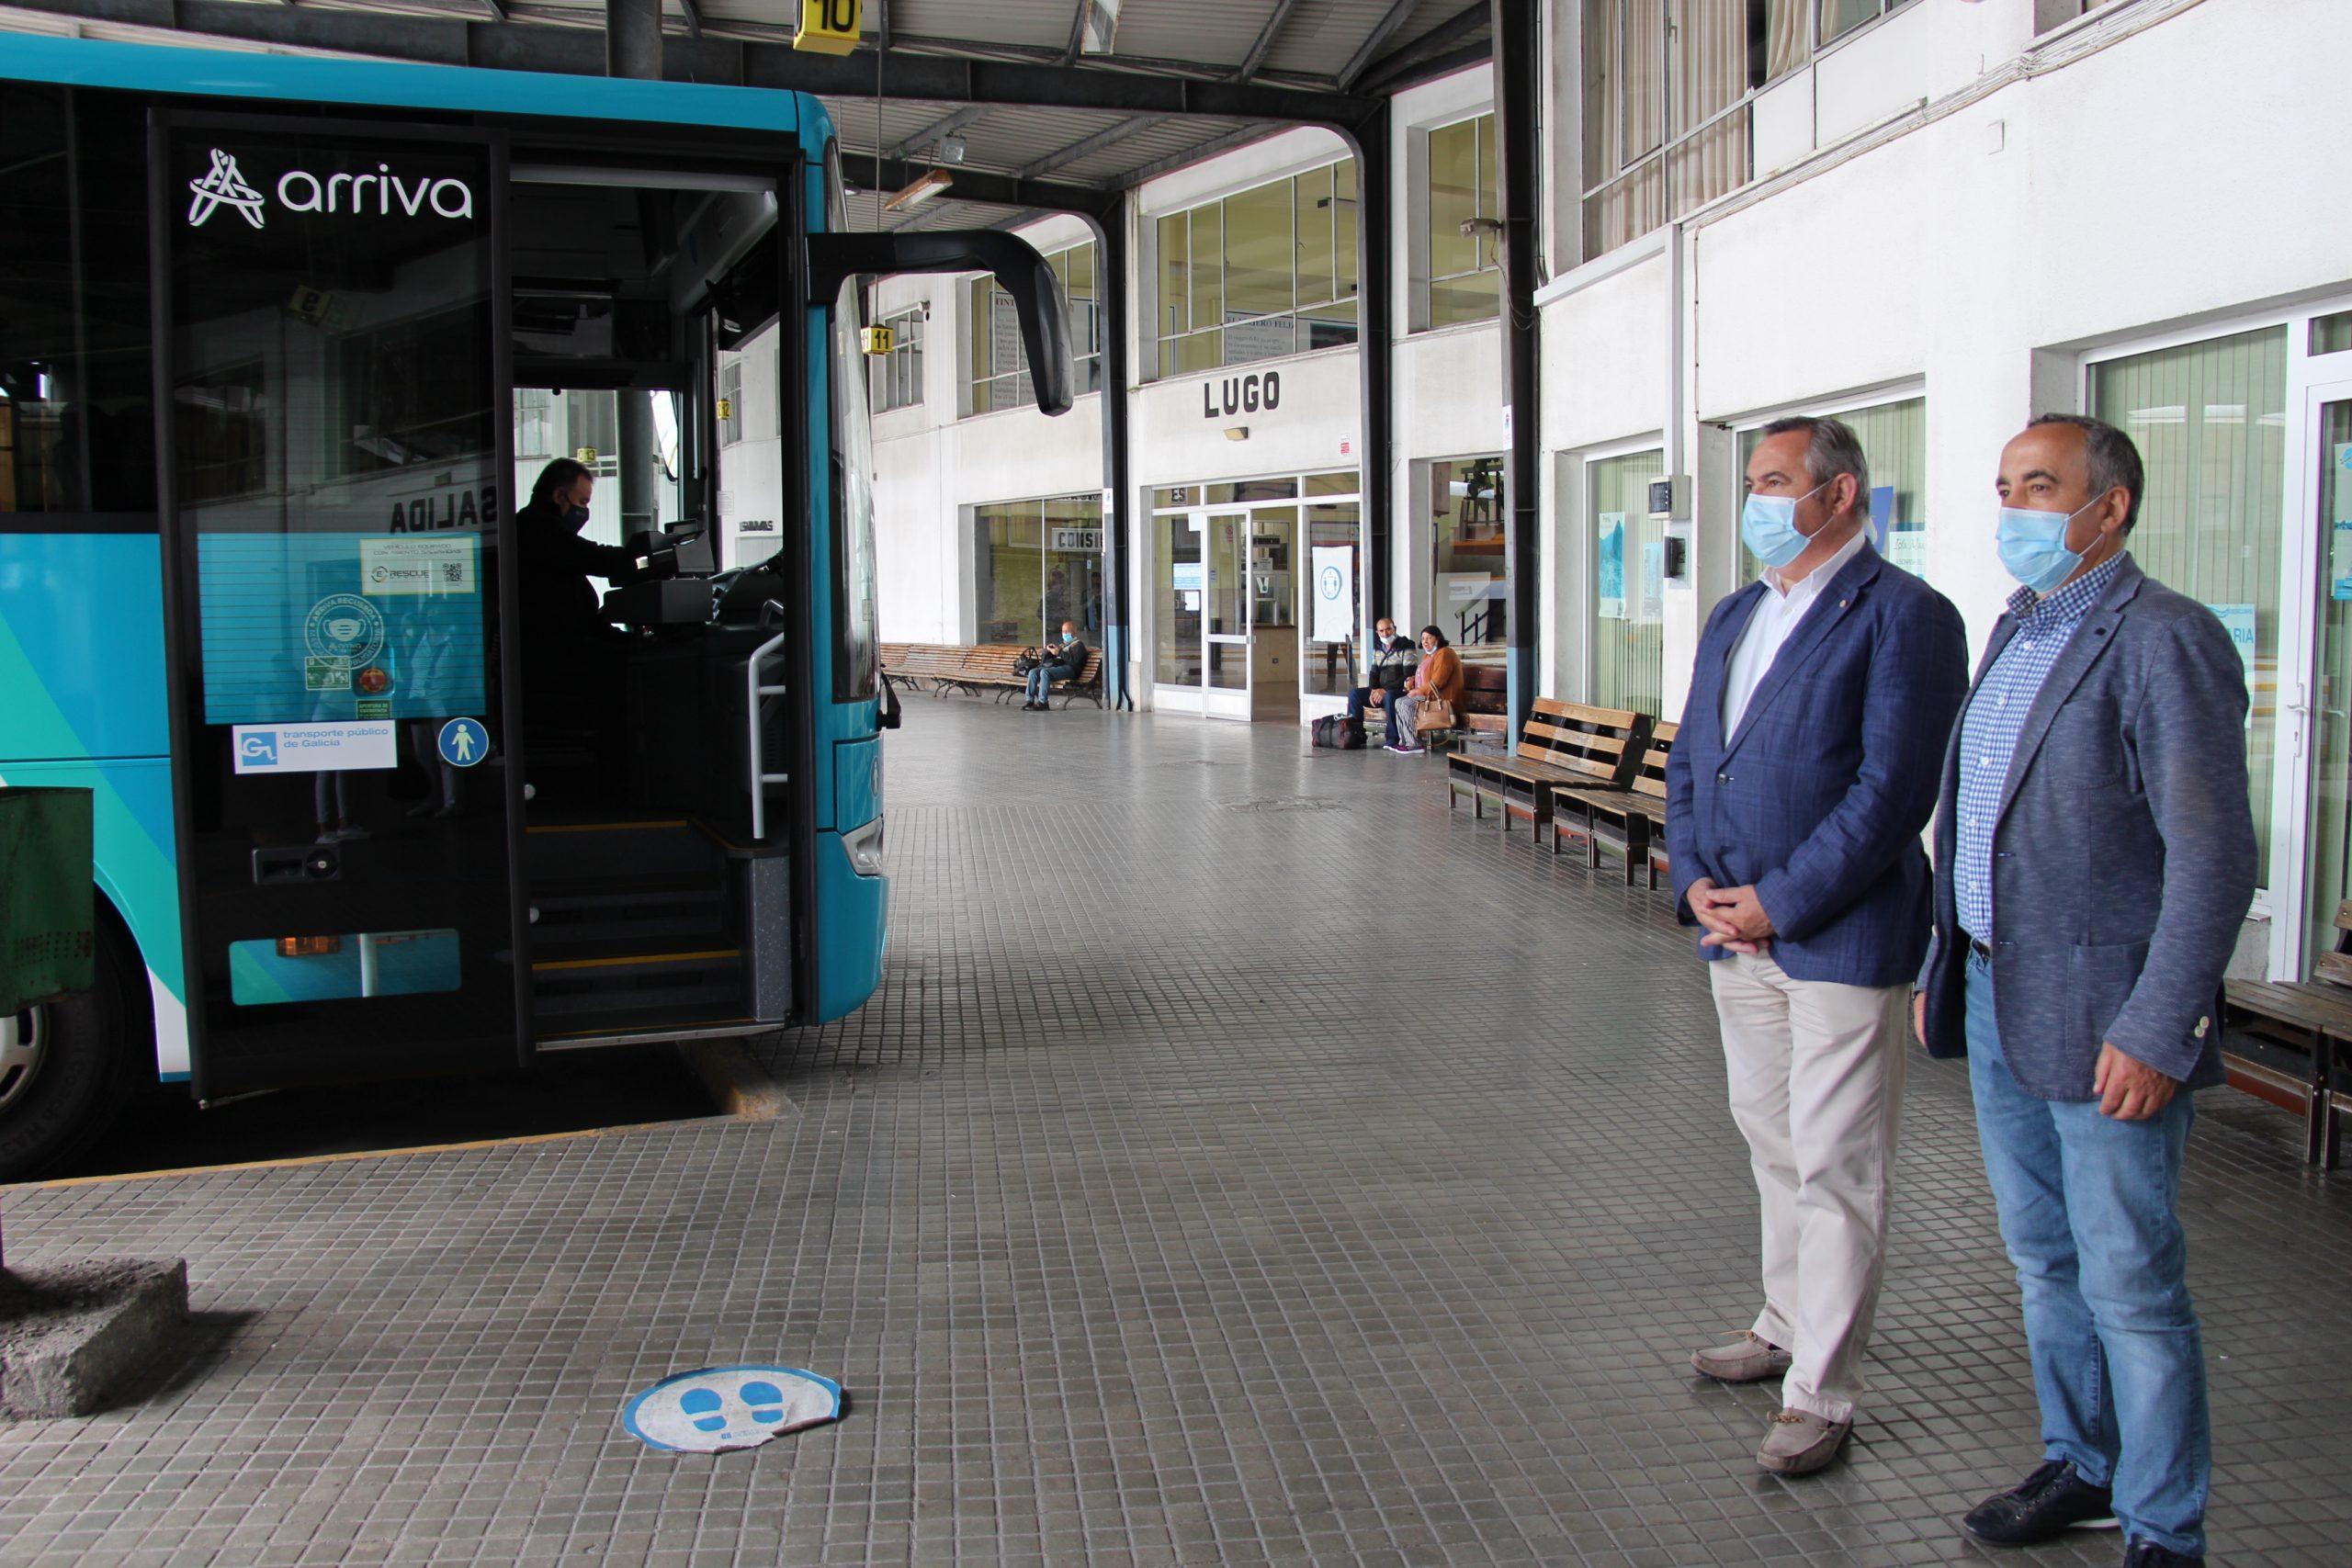 Desde o 21 de maio, os menores de 21 anos poden viaxar gratis por toda a provincia e resto de Galicia no autobús da Xunta mediante a tarxeta 'Xente Nova'